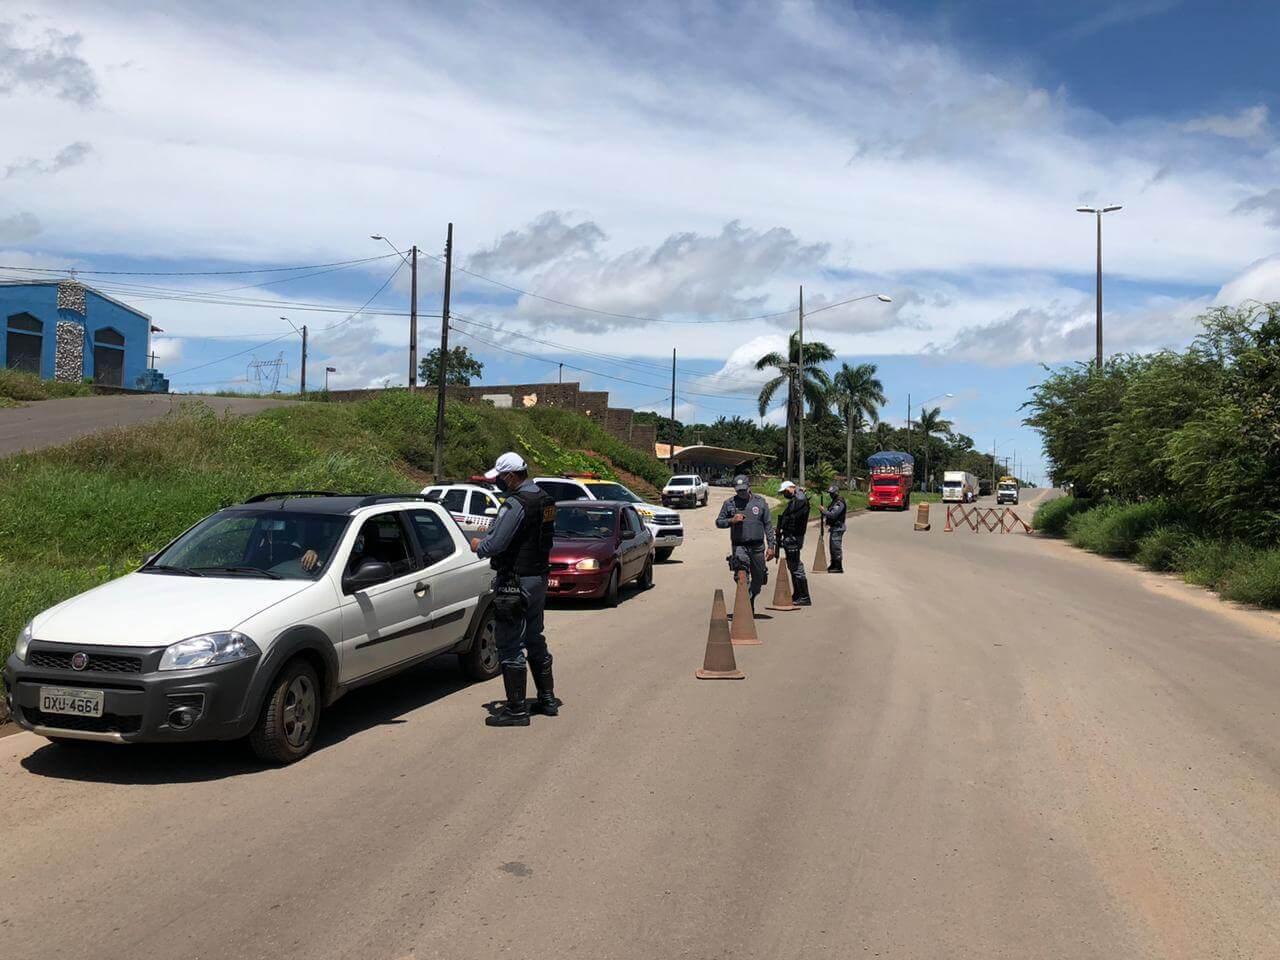 Dans l'image, des policiers militaires inspectent les voitures dans la rue Maranhão. Contenu sur Lockdown à Maranhão.